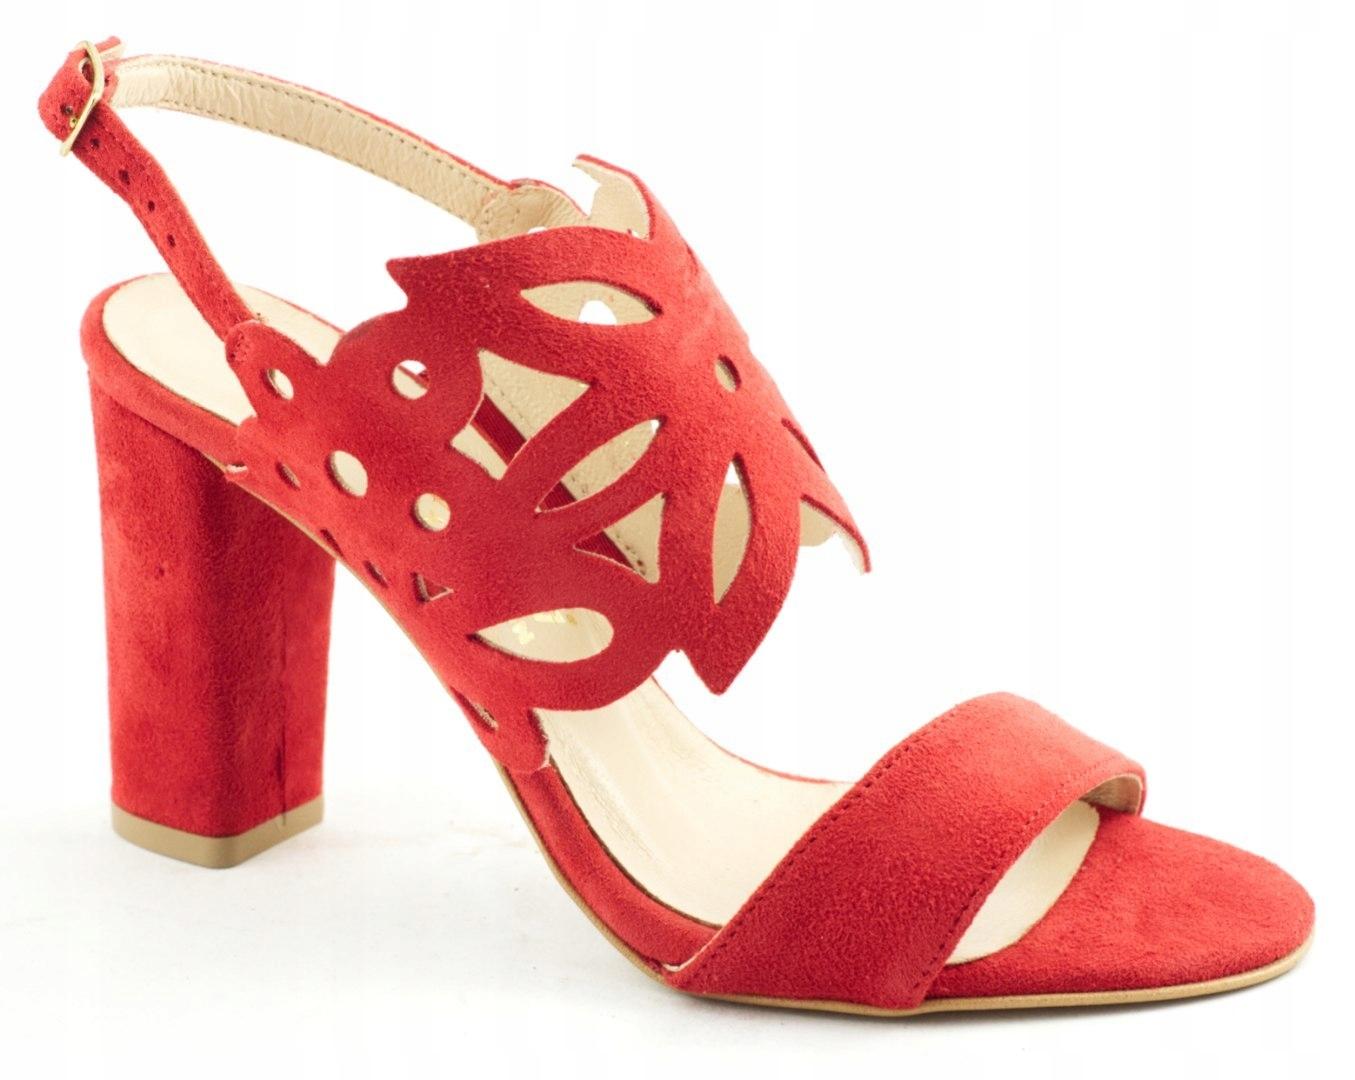 Sandały Damskie Na Słupku 02100 Czerwone 35